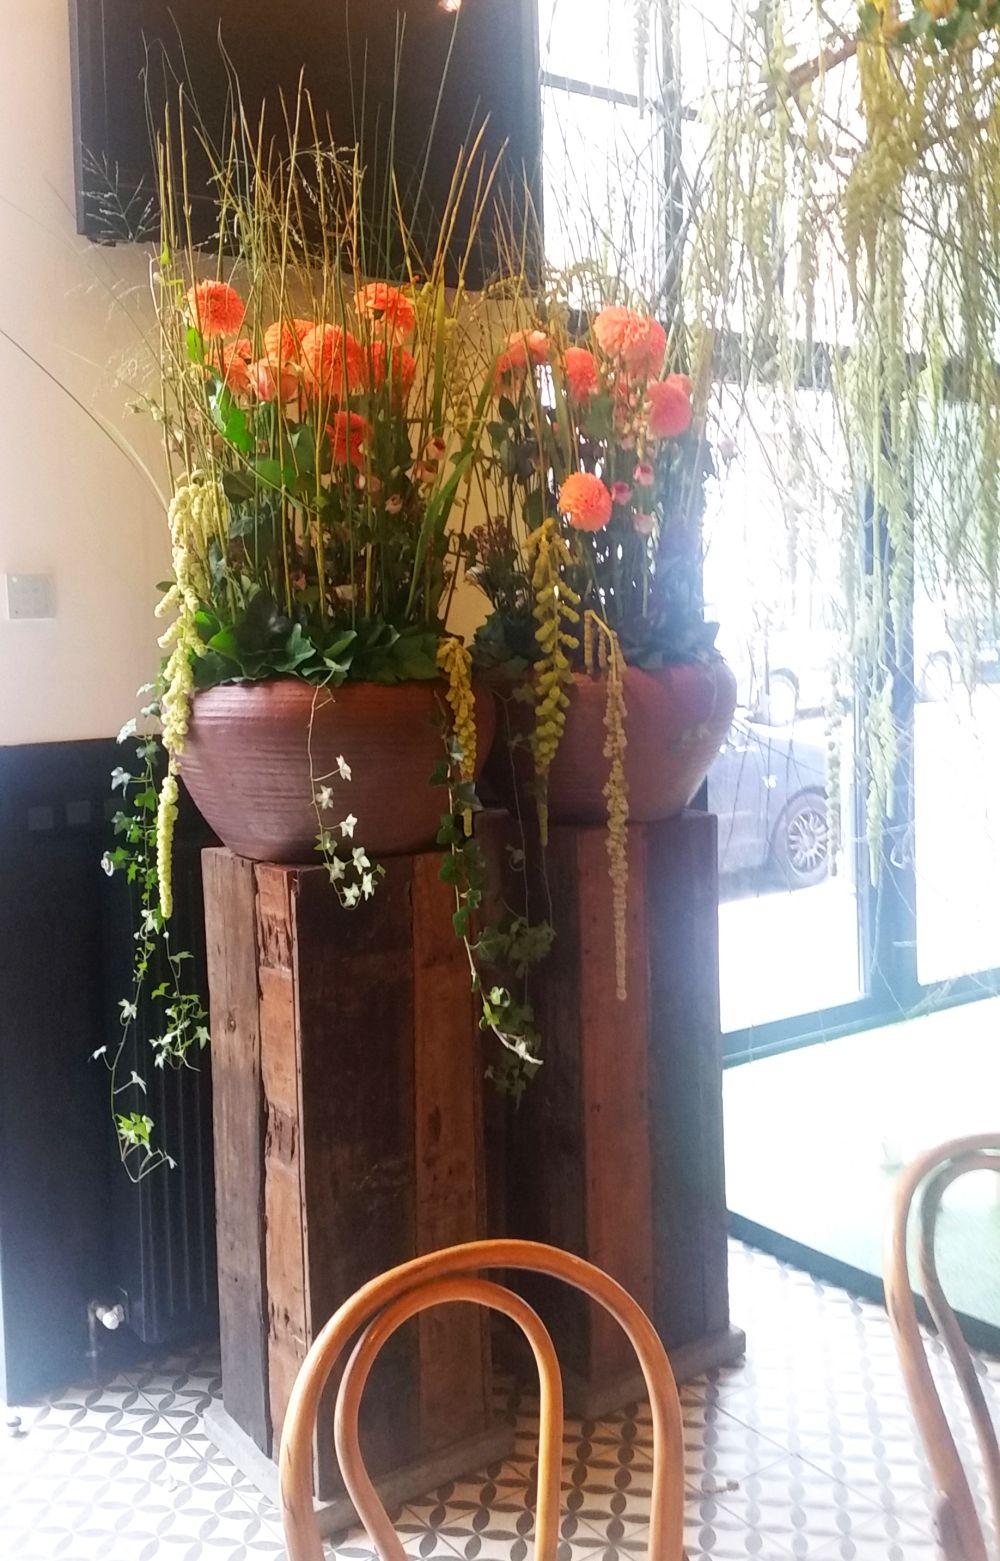 adelaparvu-com-despre-the-wedding-gallery-2016-floraria-iris-design-nicu-bocancea-7